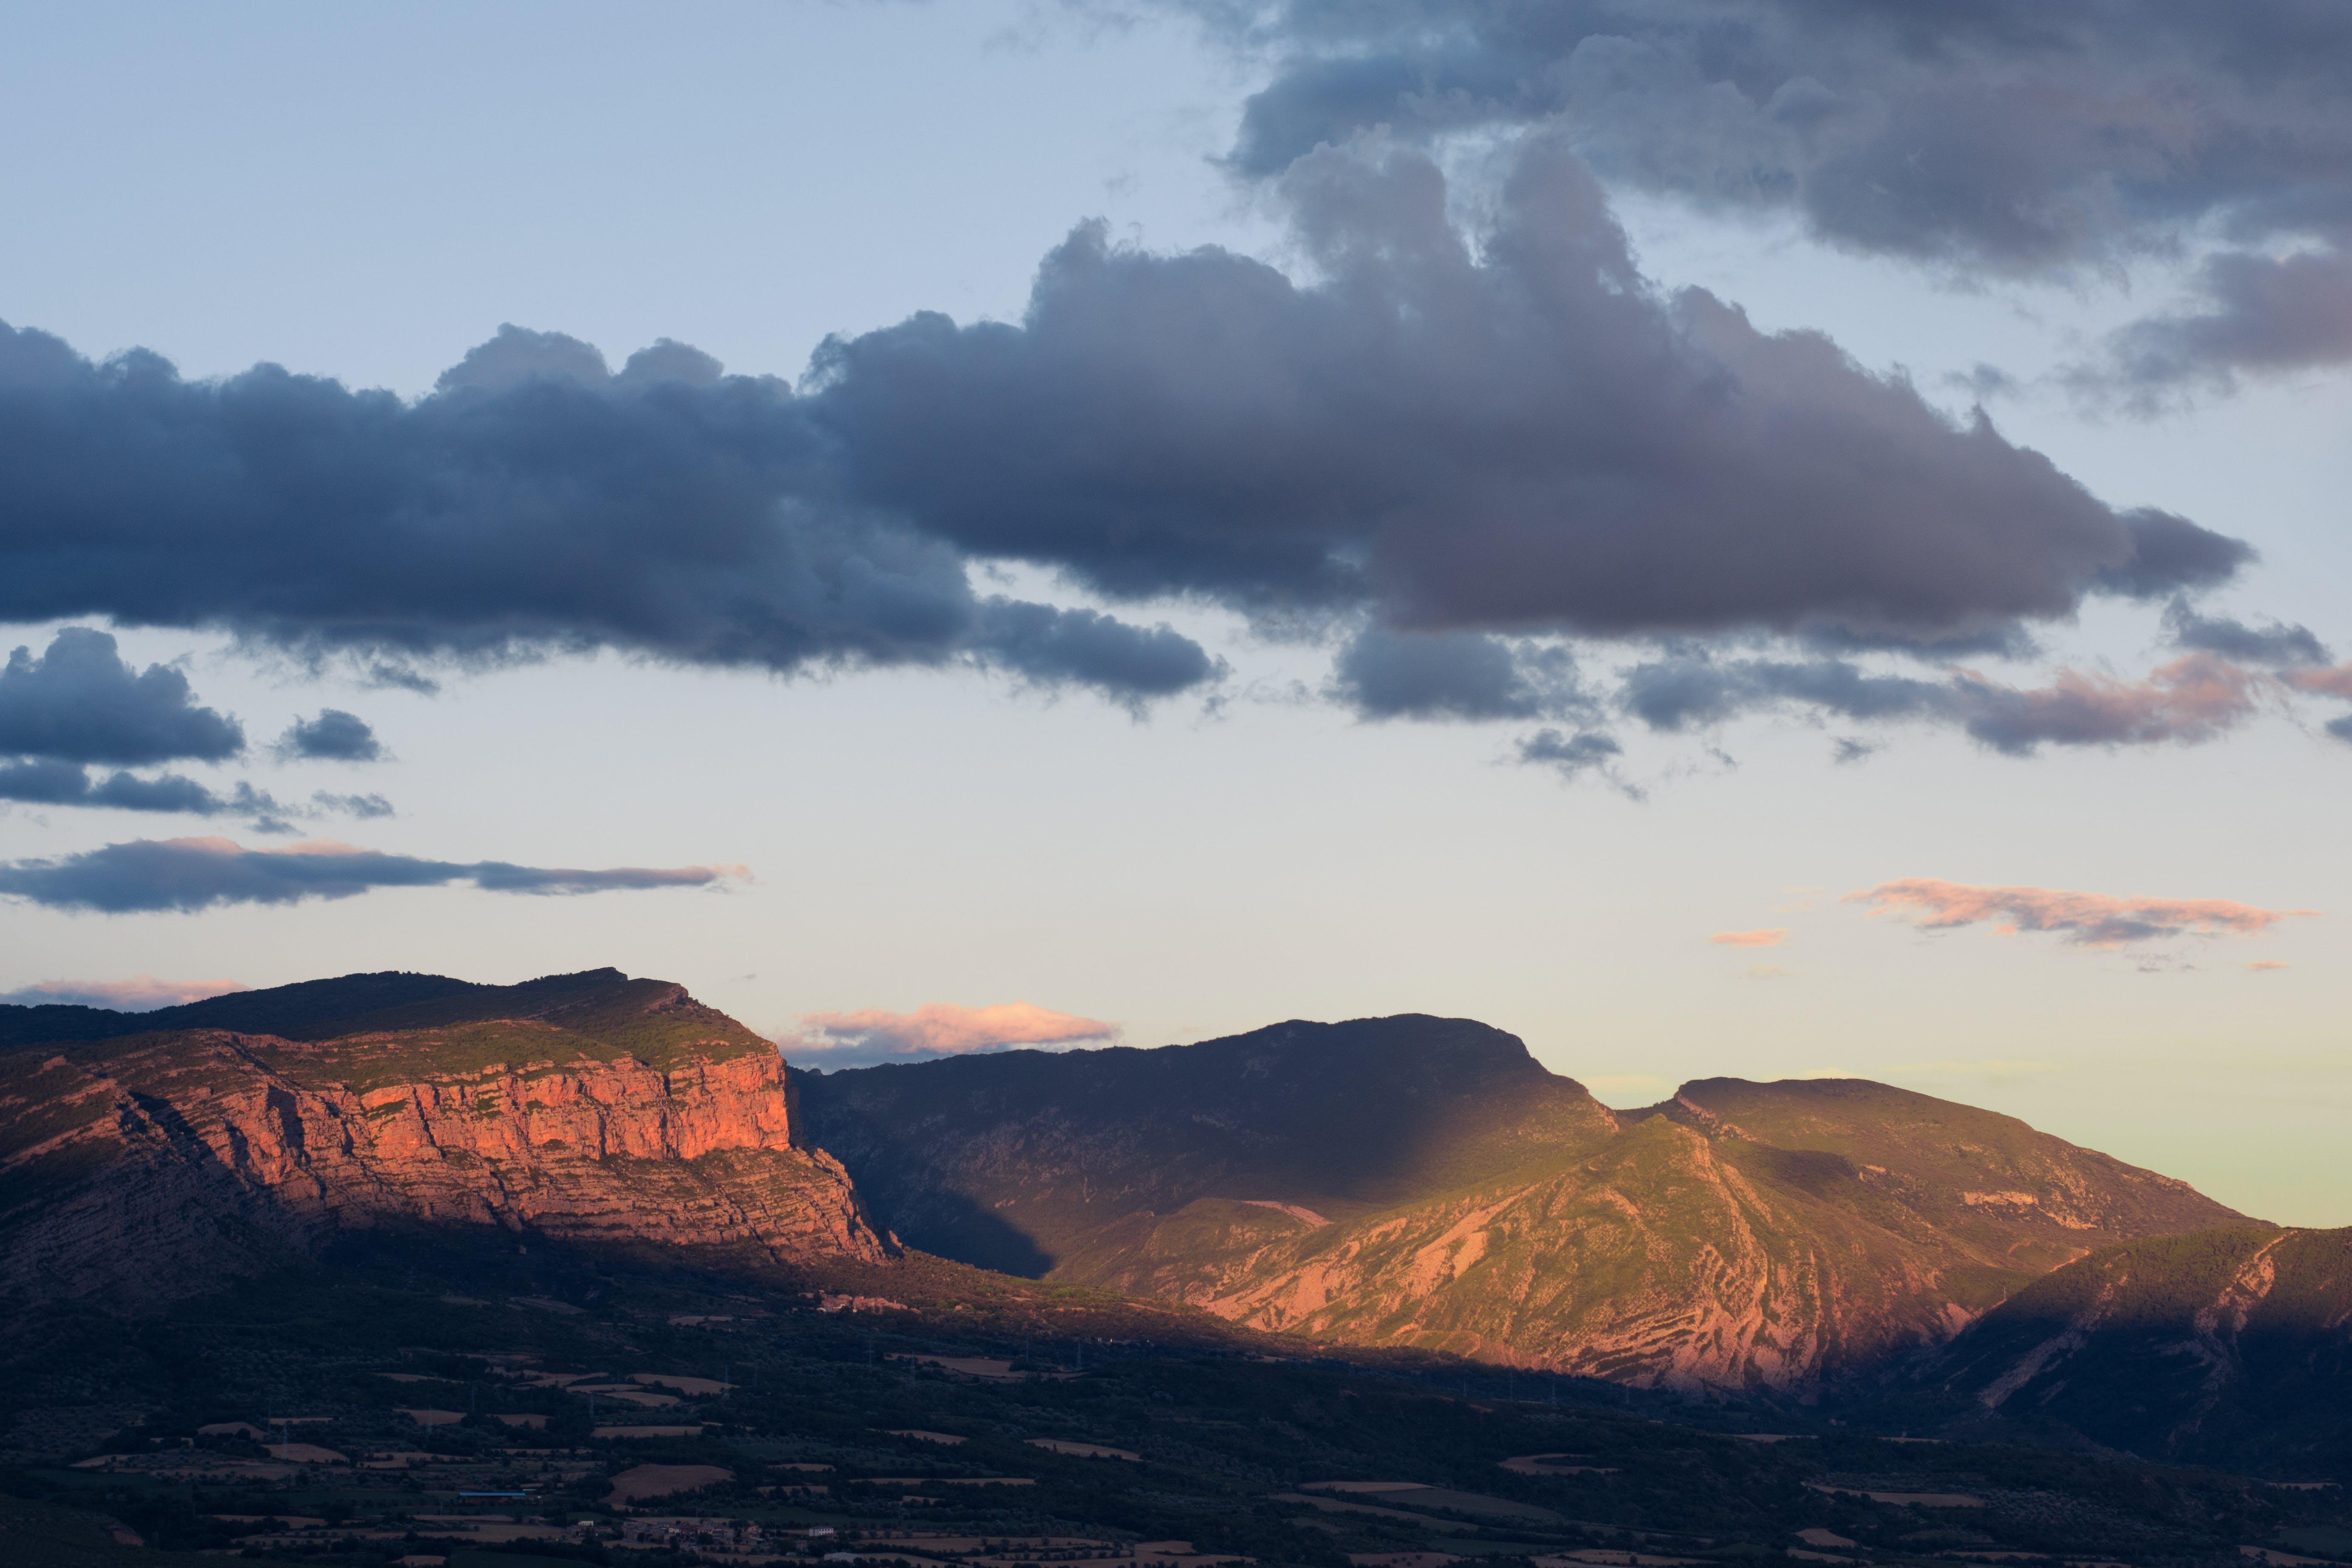 山岳, 日の出, 日光, 日没の無料の写真素材